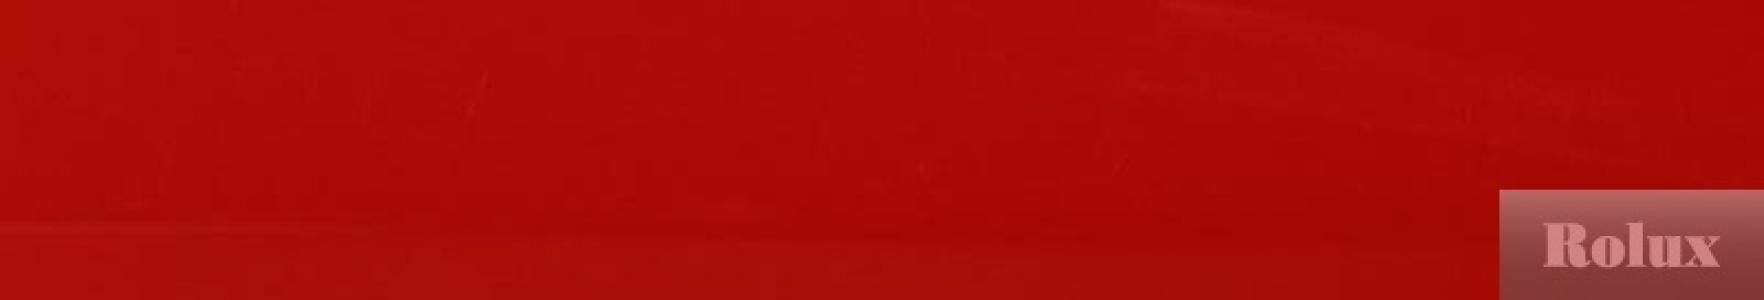 38 Červená